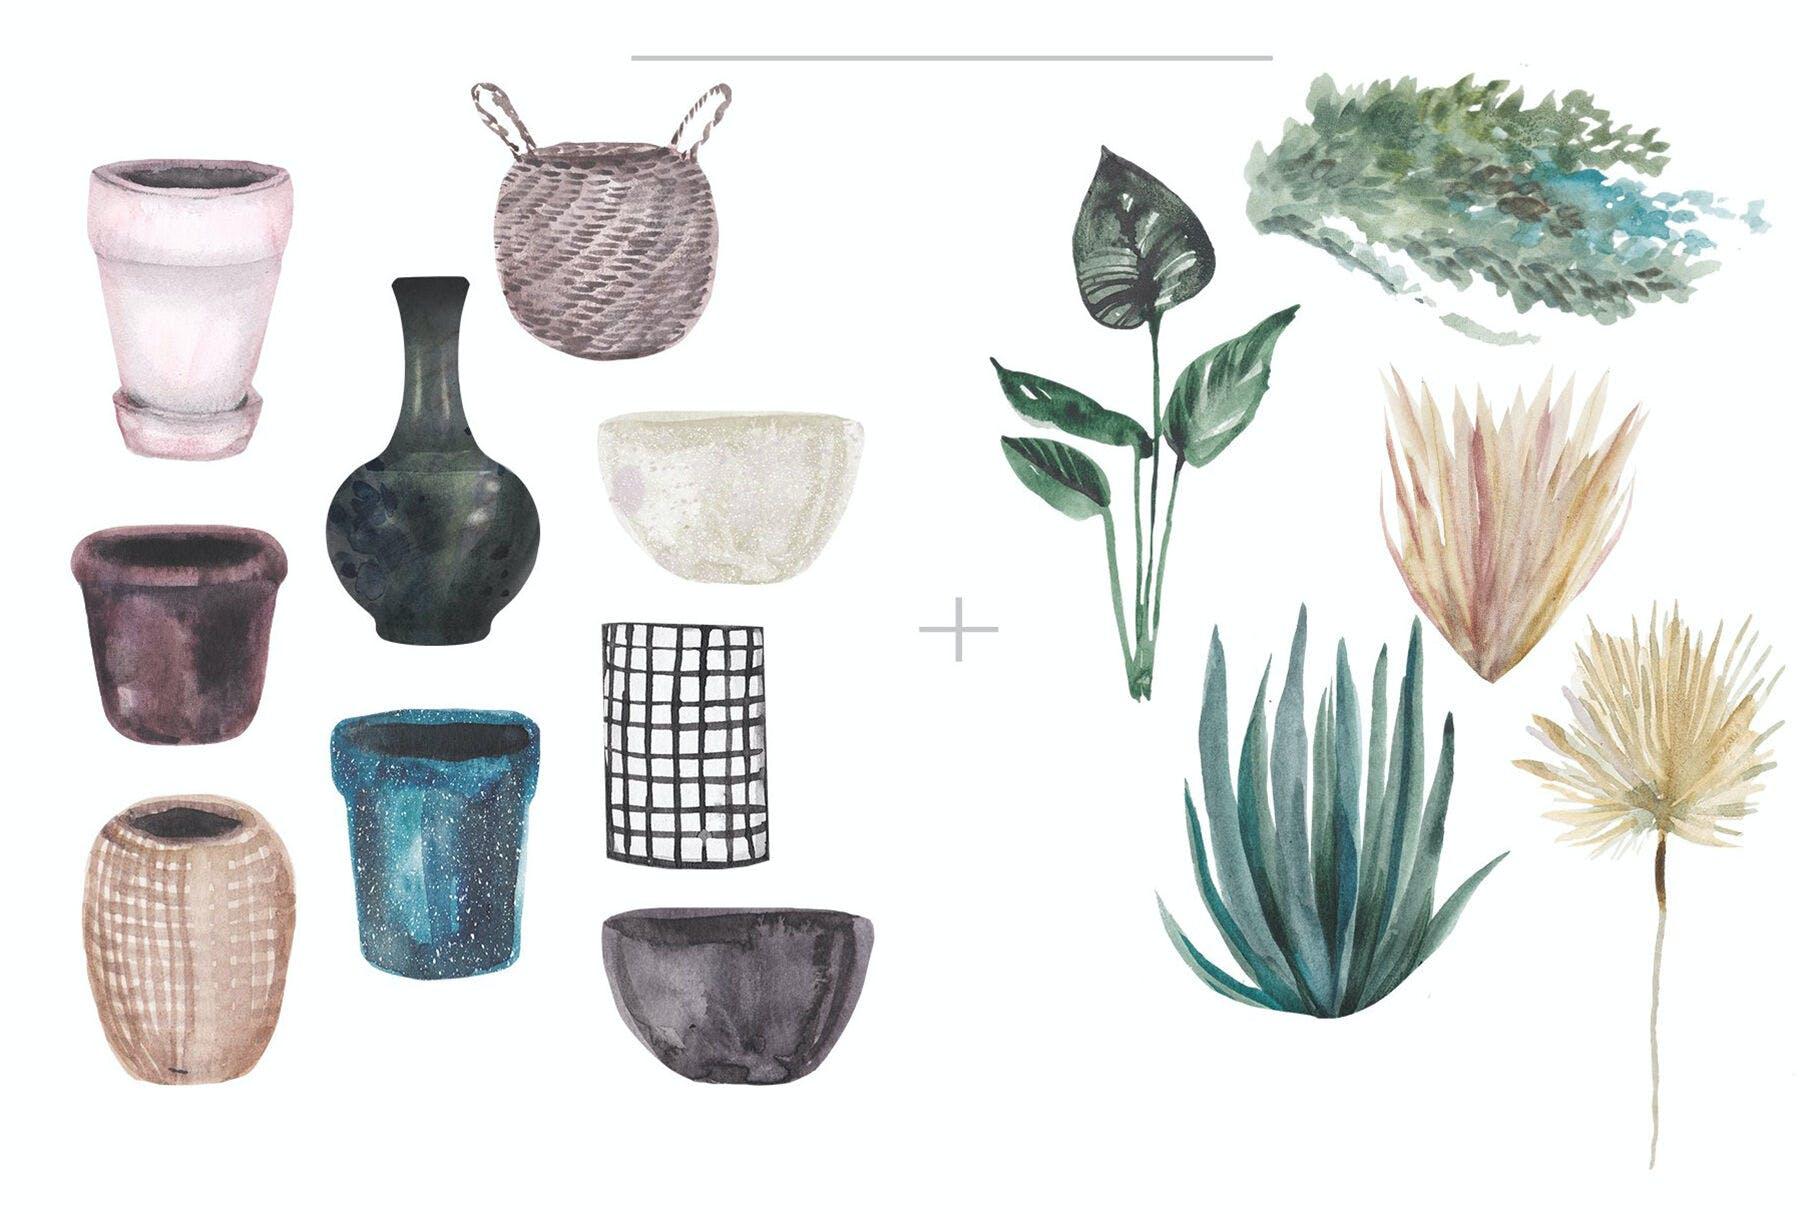 14种高清手绘室内植物水彩画PNG图片素材 Watercolor Hand Drawn Indoor Plants插图(1)